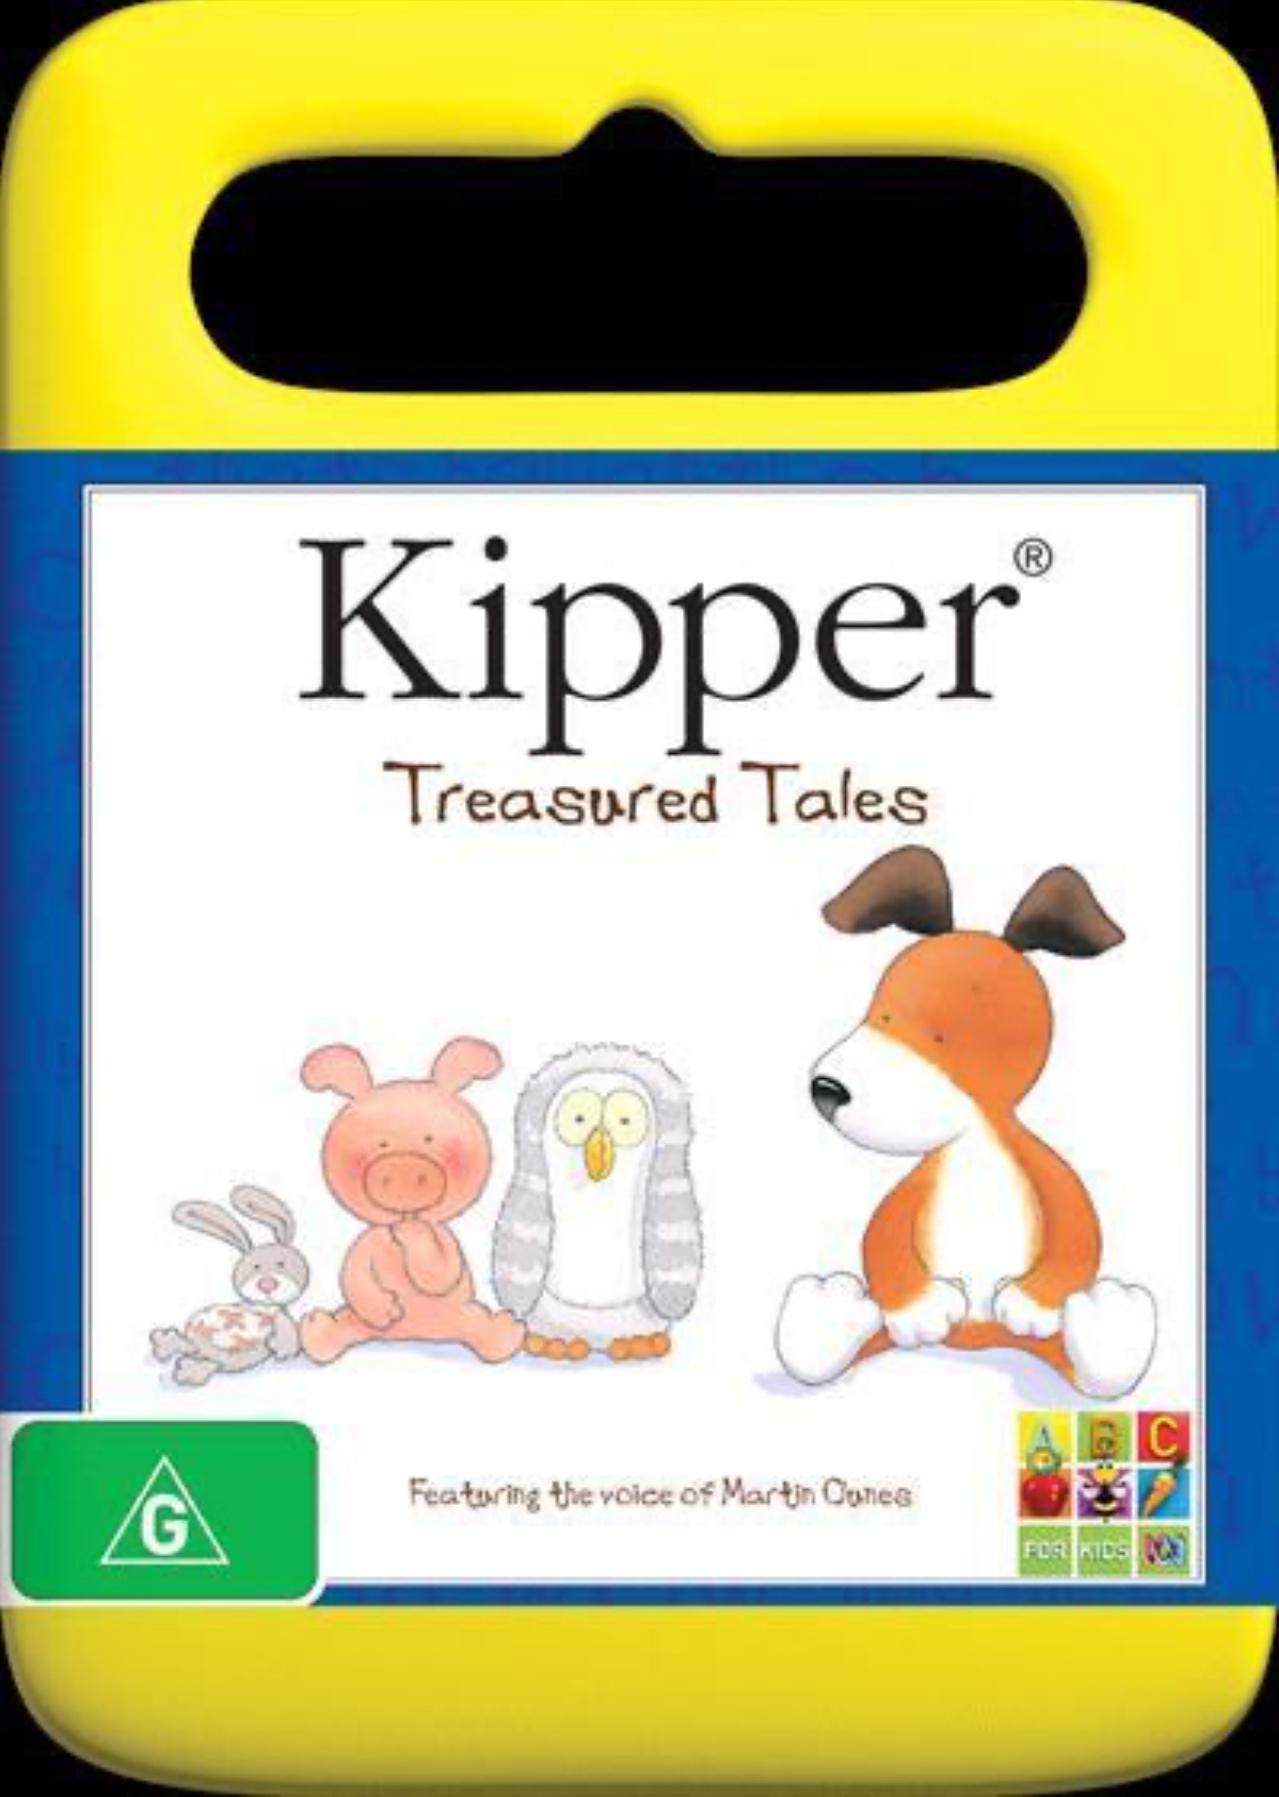 Kipper - Treasured Tales